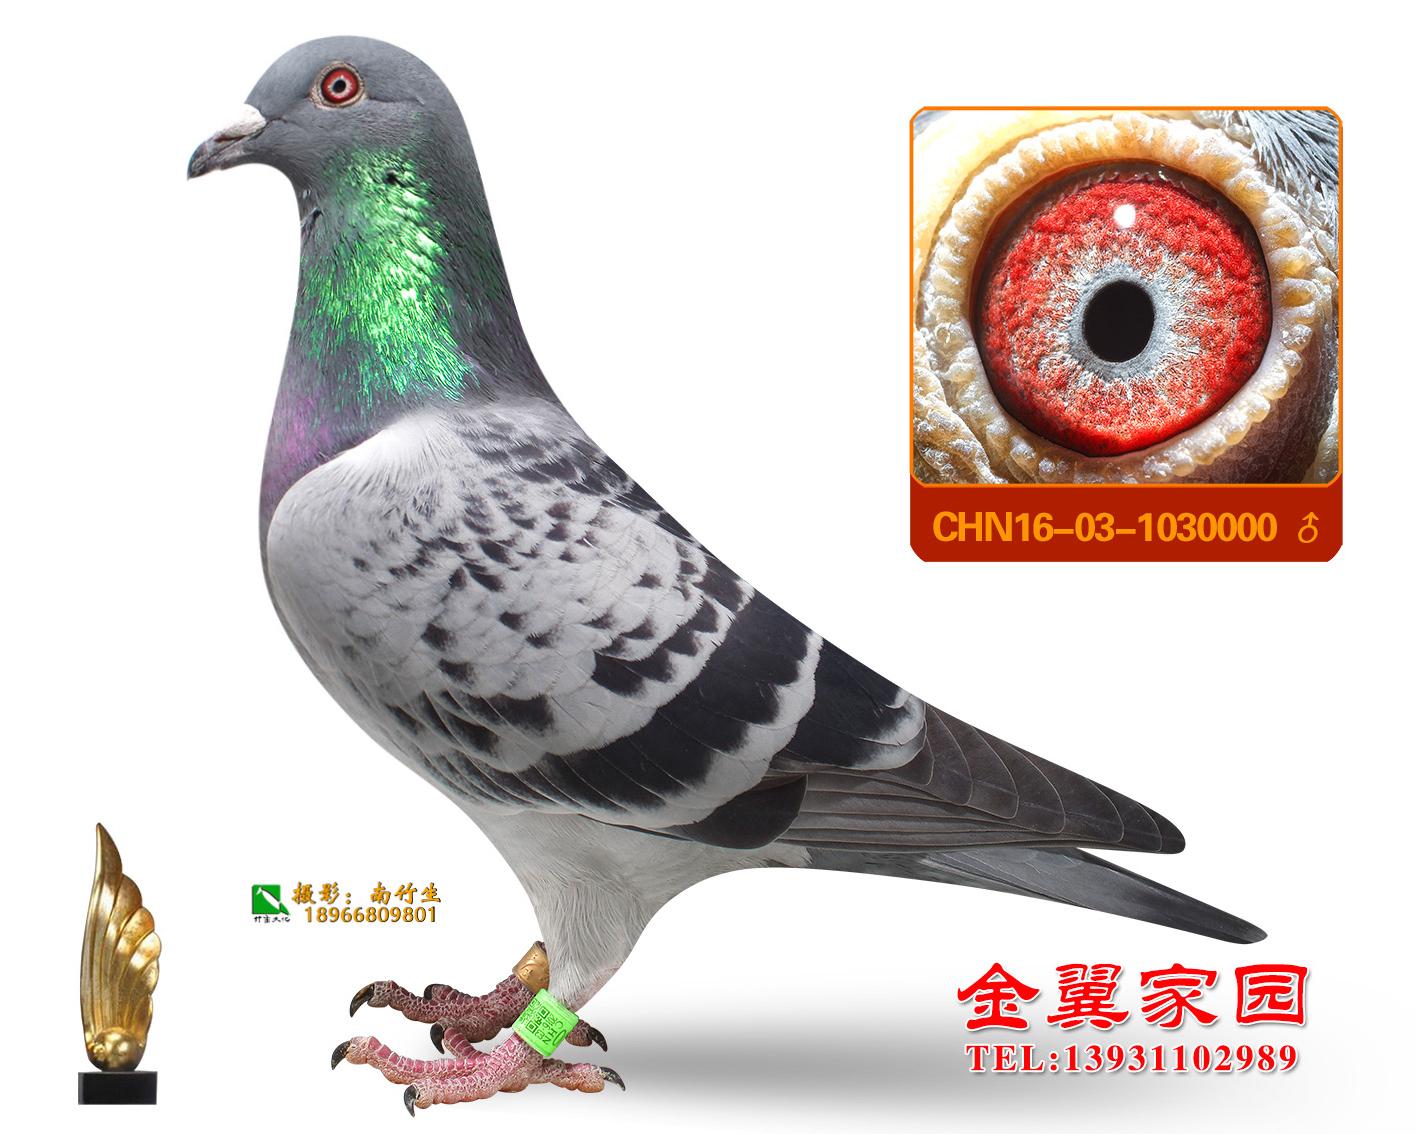 胡本_金翼家园石家庄分舍_ag188.com爱鸽商